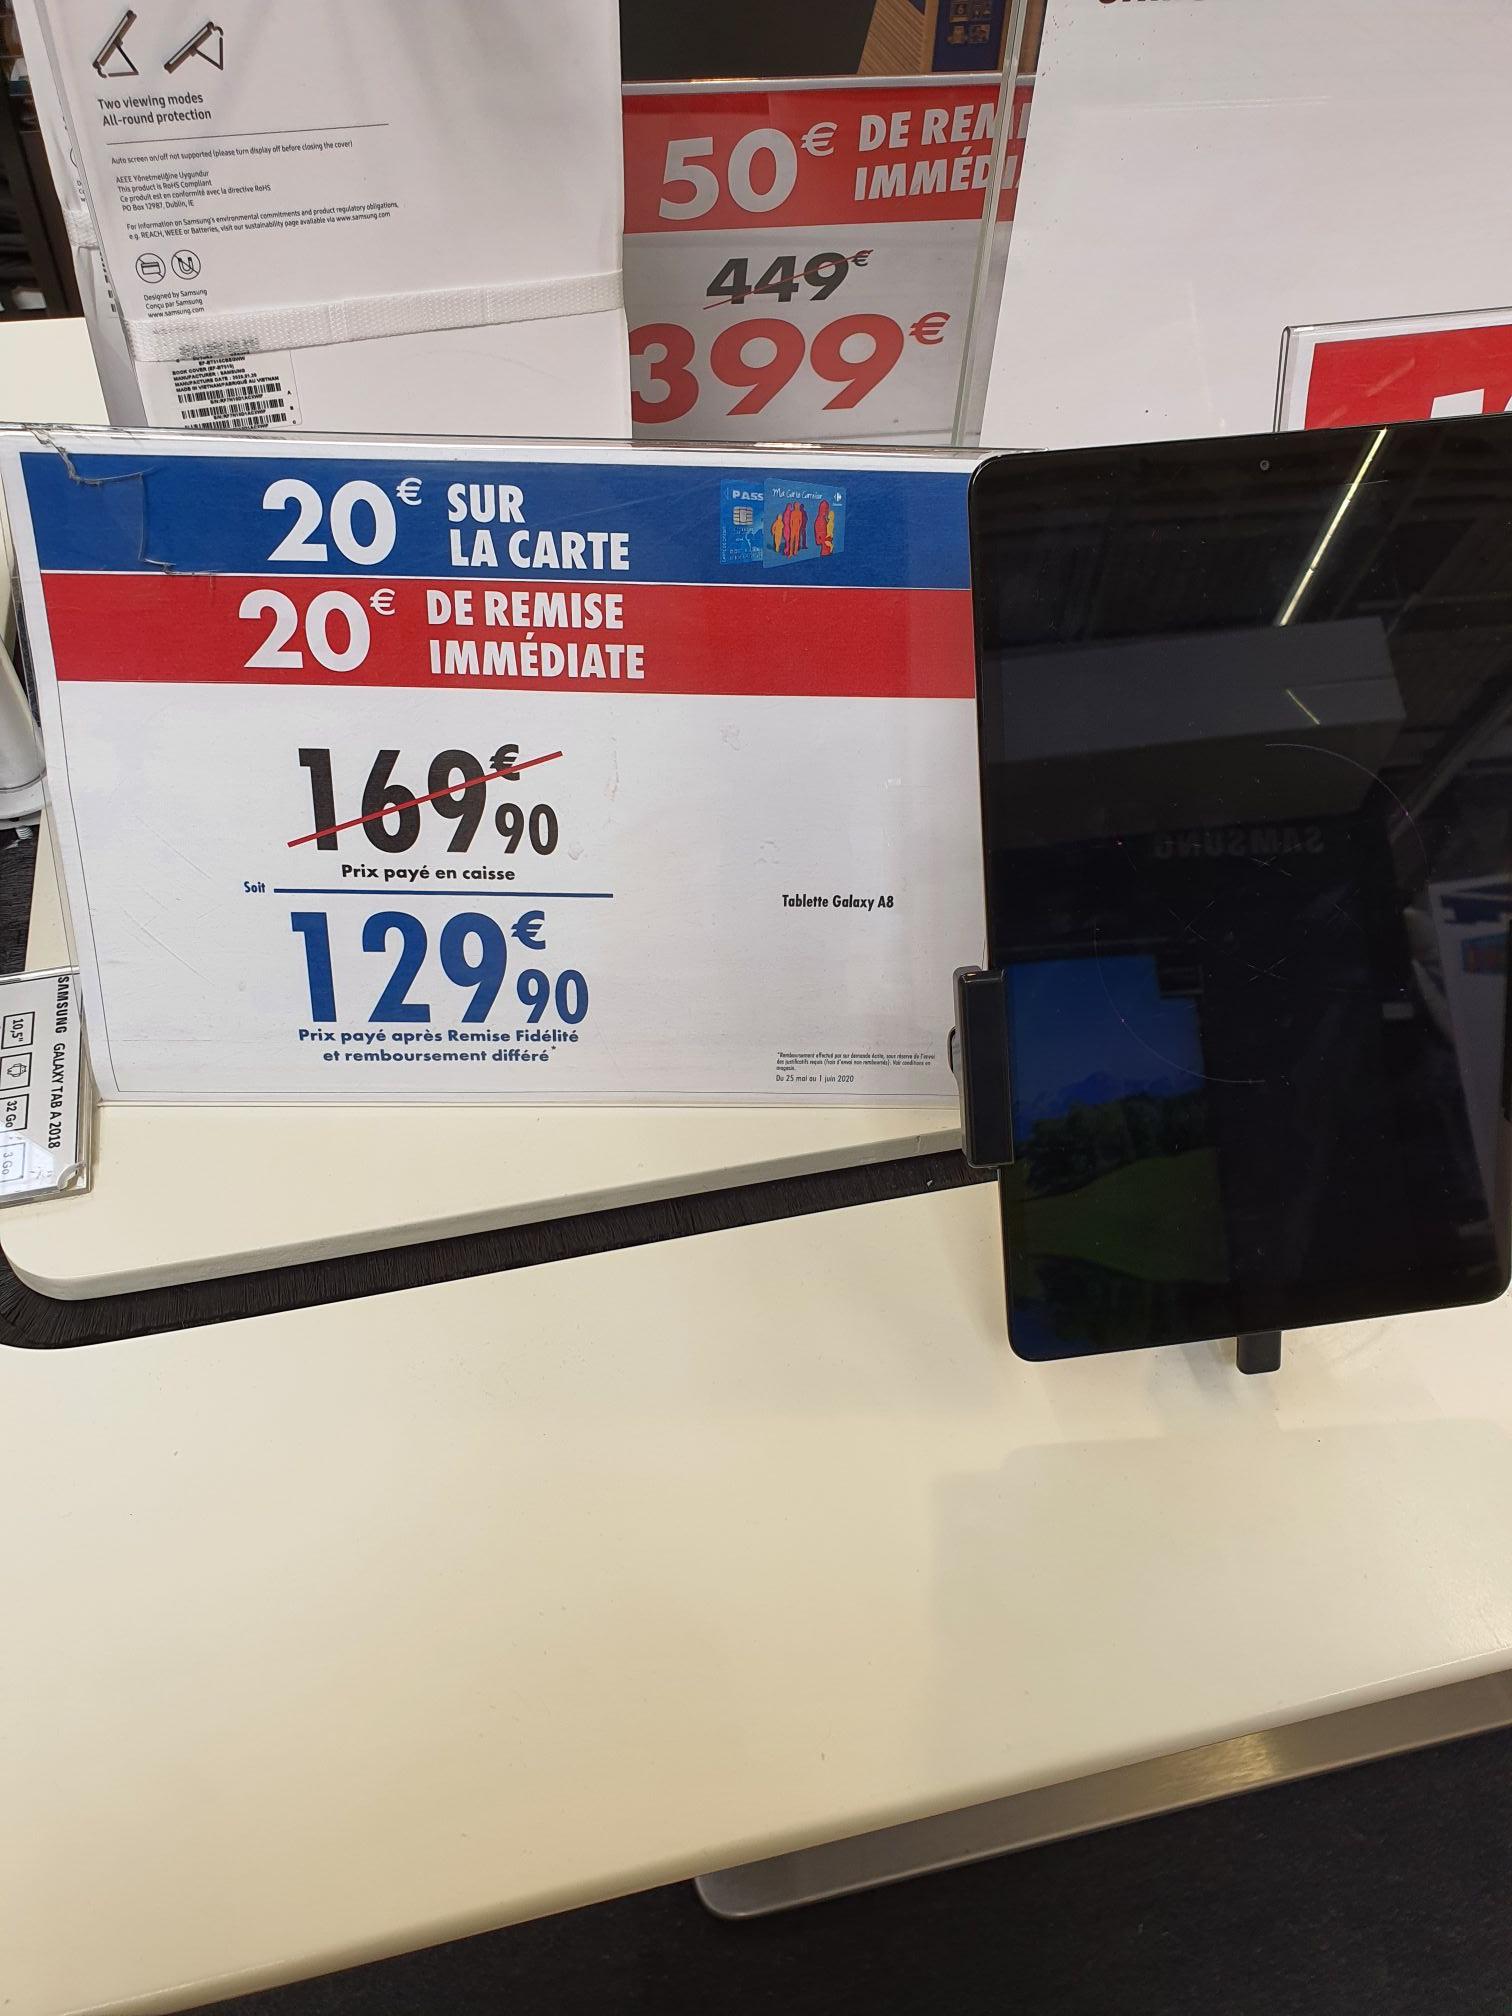 """Tablette Tactile 8"""" Samsung Galaxy Tab A - WiFi, 2 Go de RAM, 32 Go (Via 20€ sur la Carte de Fidélité) - Aulnay-sous-Bois (93)"""